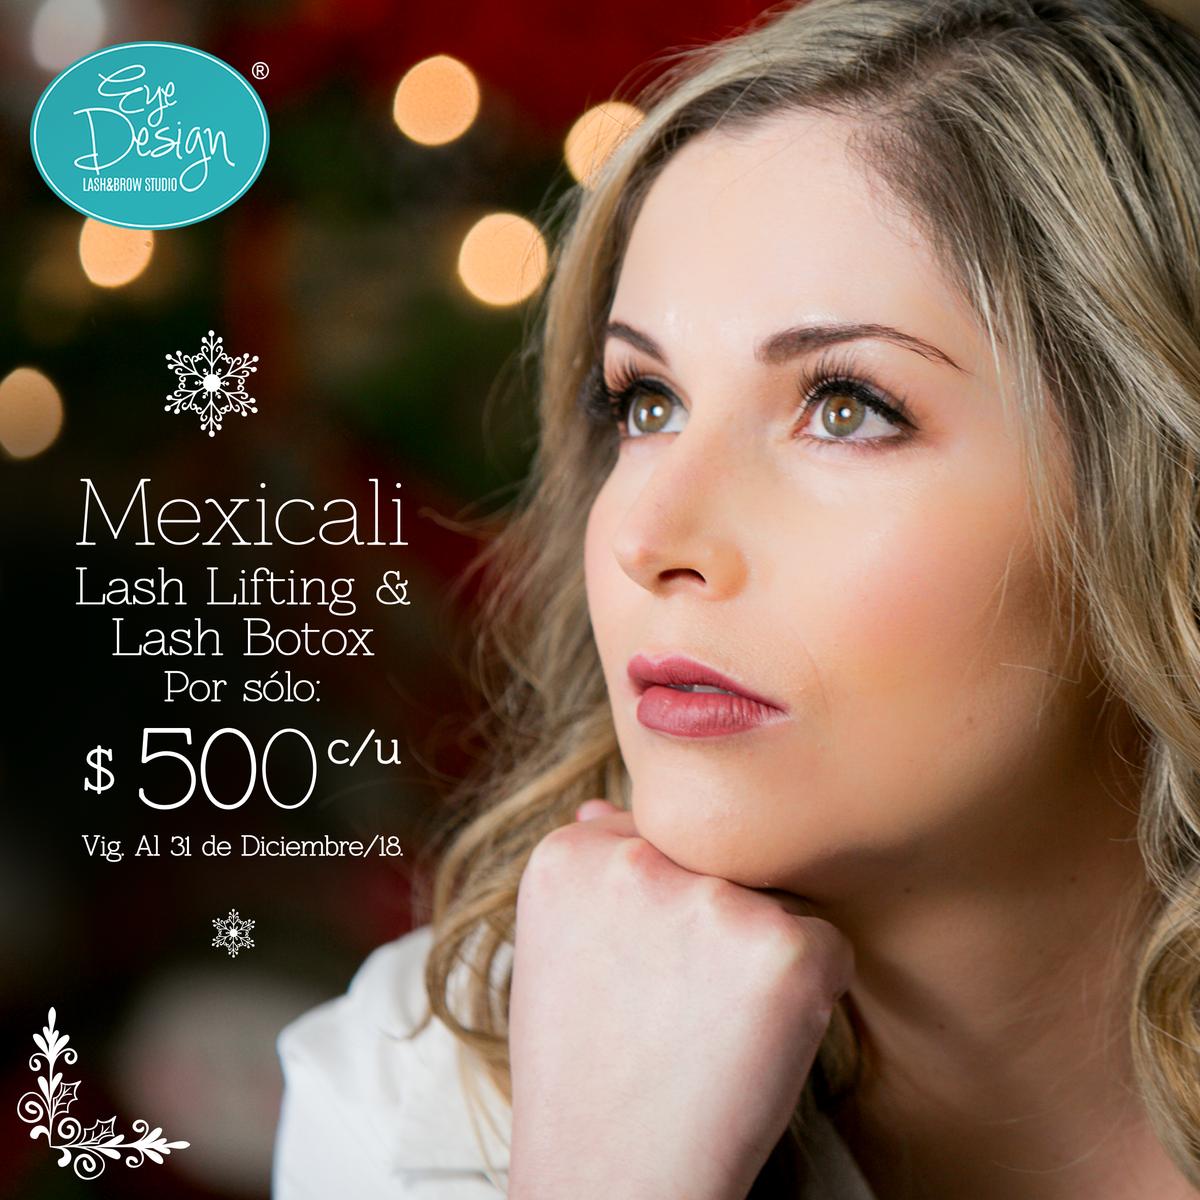 Lash Lifting & Lash Botox por $500 c/u